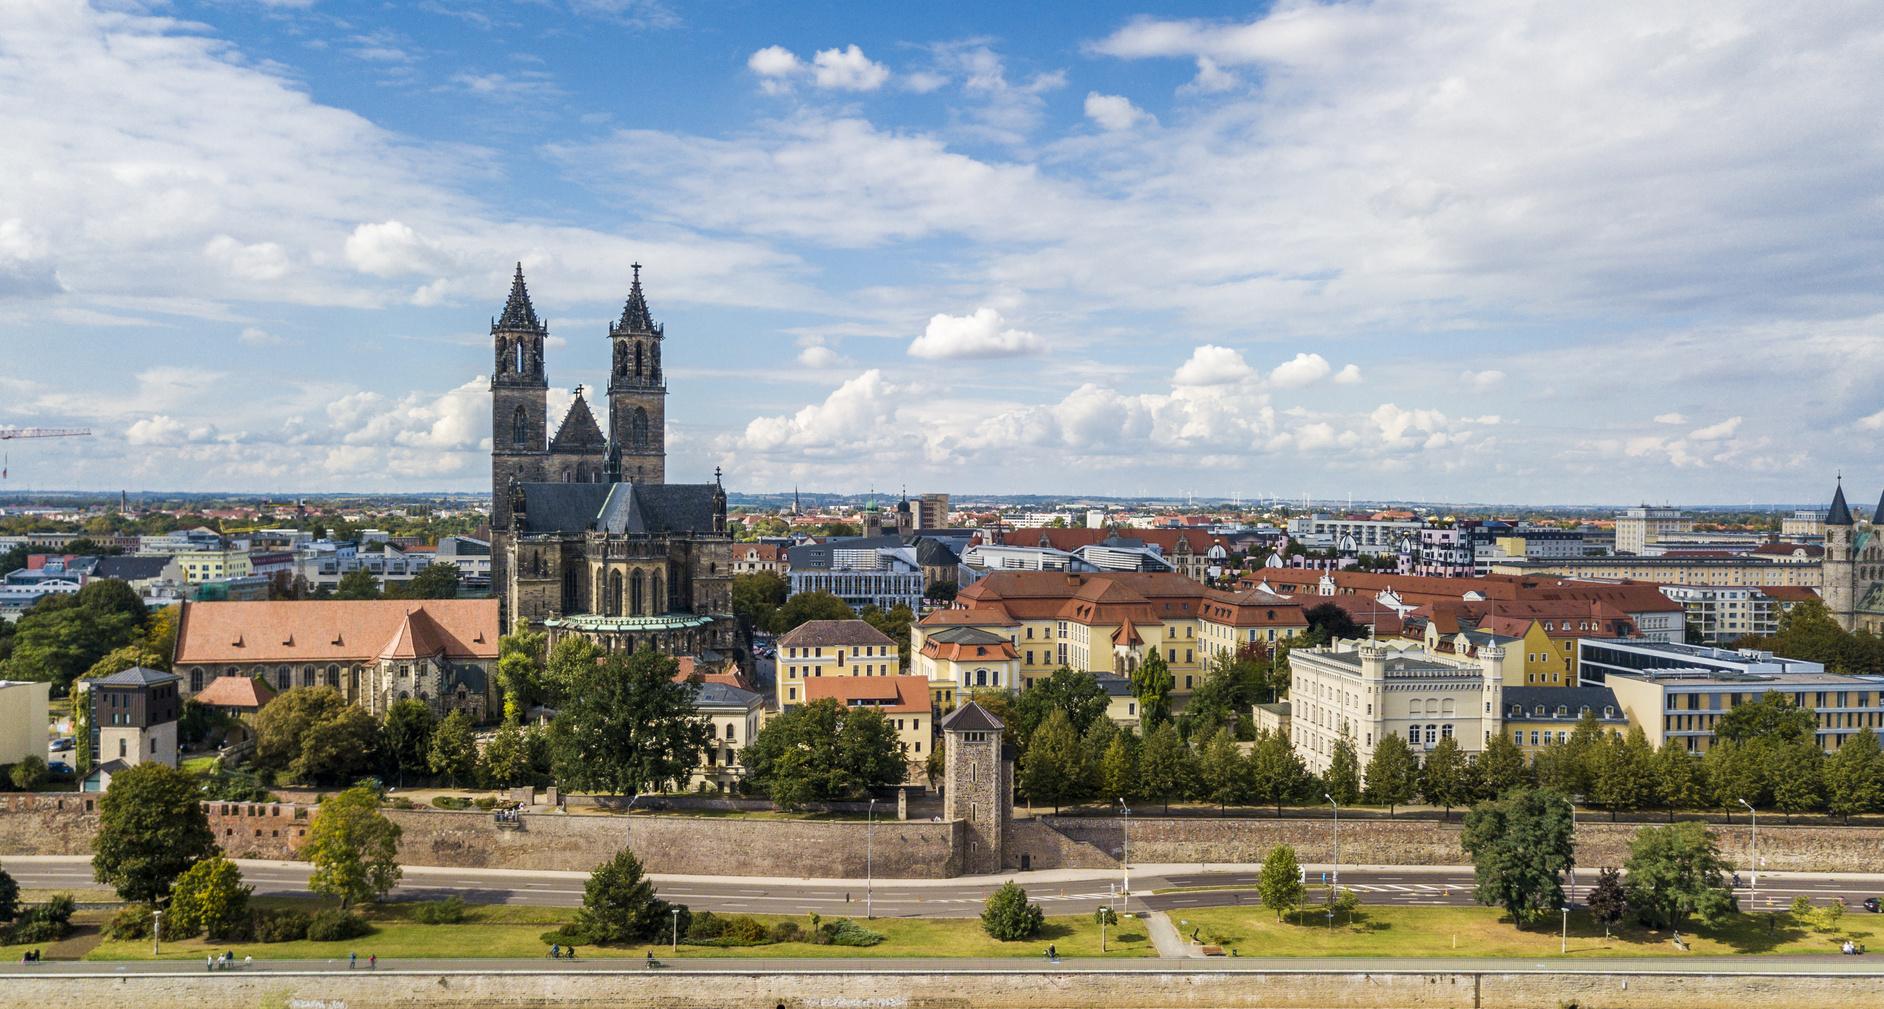 Hotelreinigung-Magdeburg und Housekeeping-Magdeburg der Ö&I Clean GmbH sorgt für ein sauberes Magdeburg